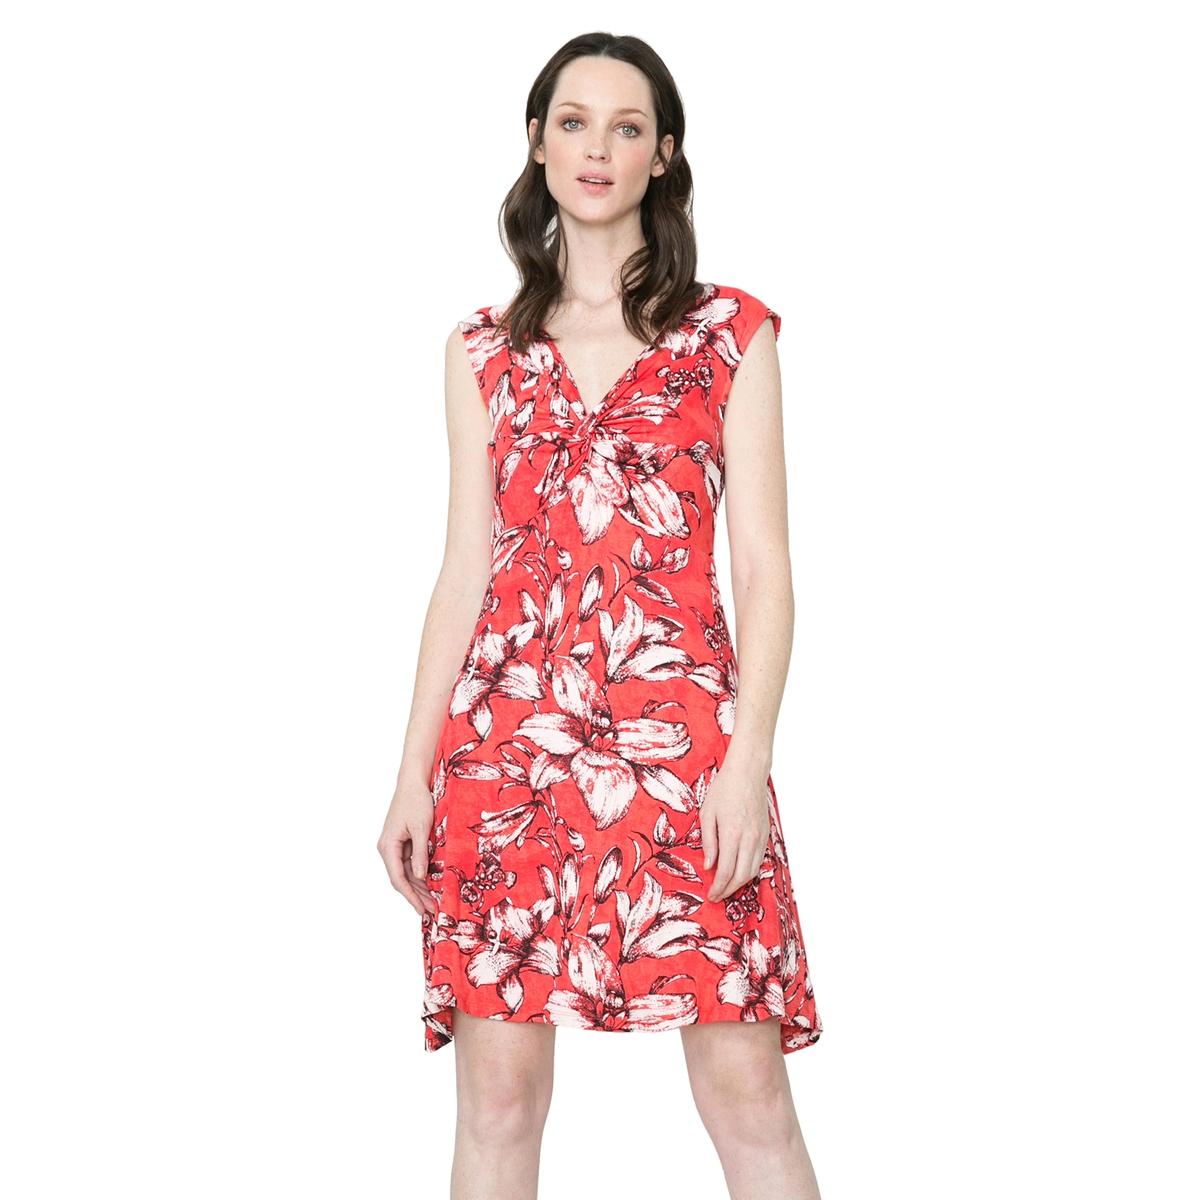 Платье без рукавов, с принтом, вуаль на подкладке DESIGUAL, Vest Juana